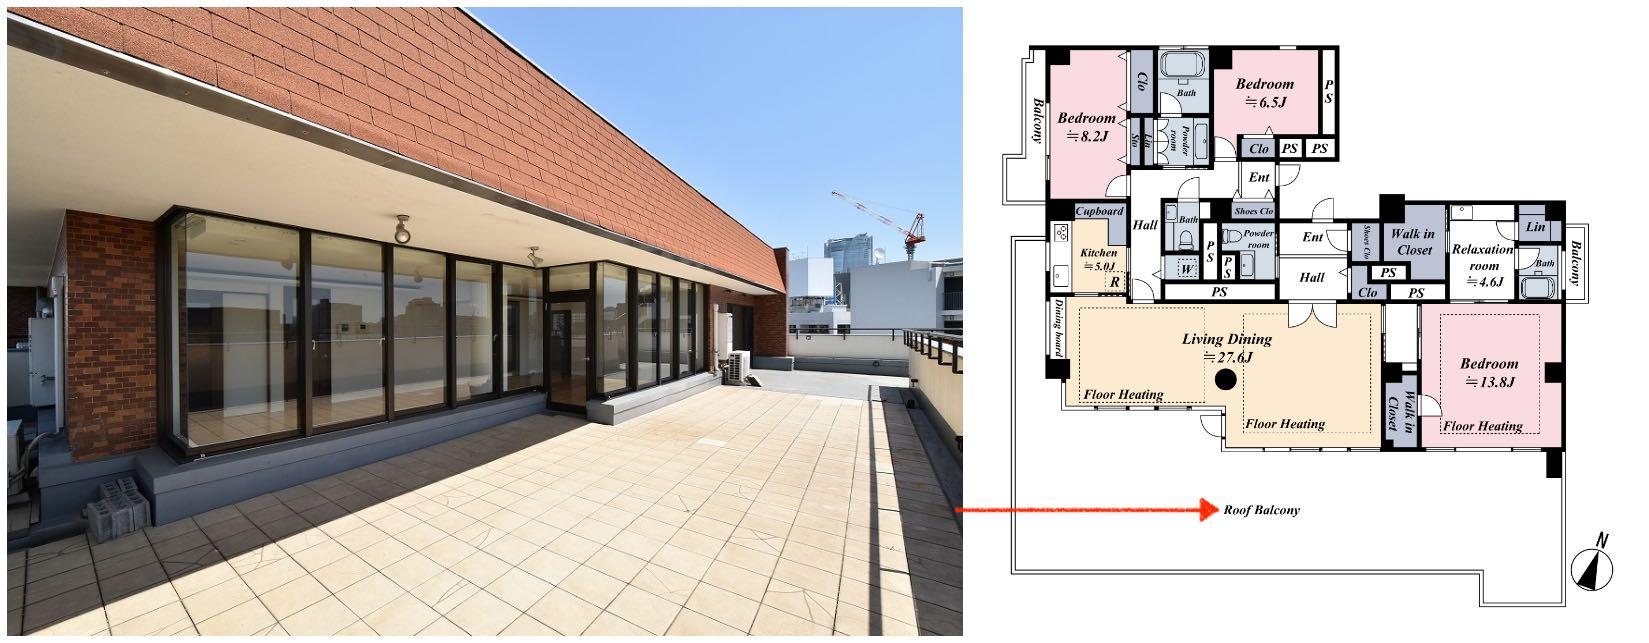 日本陽台種類-バルコニー屋頂陽台2